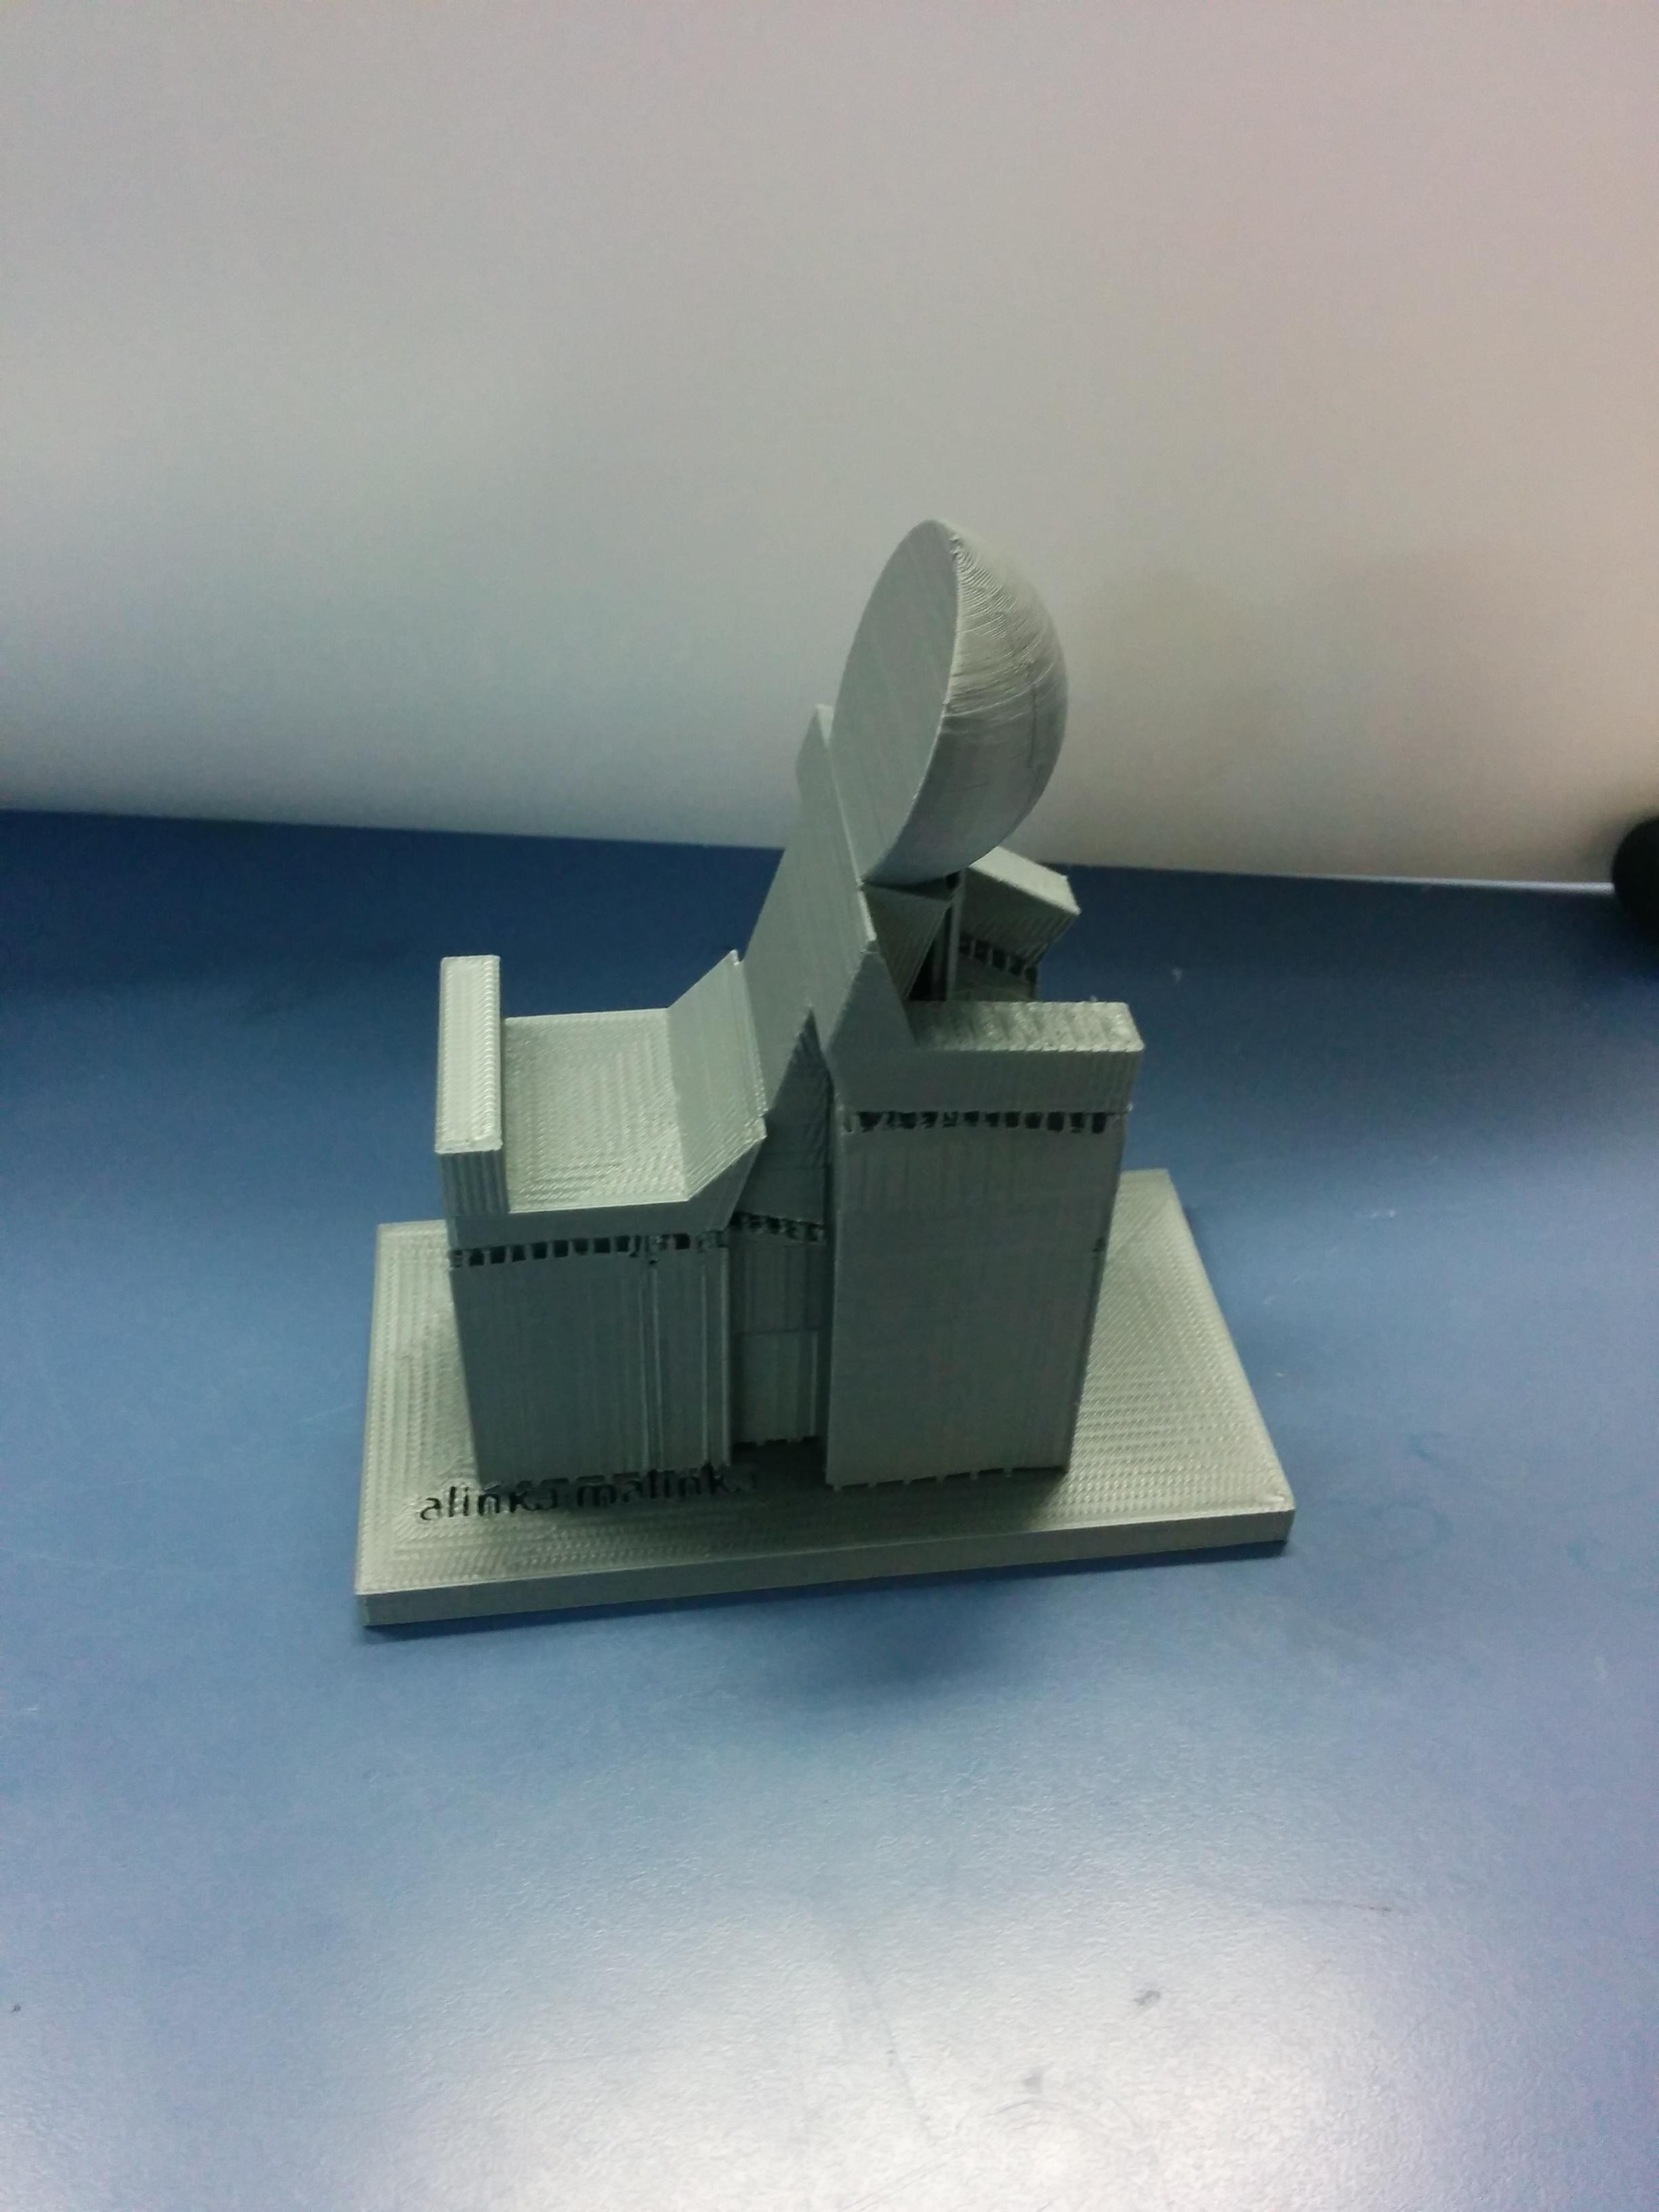 סטנד לטלפון בהדפסה תלת מימדית